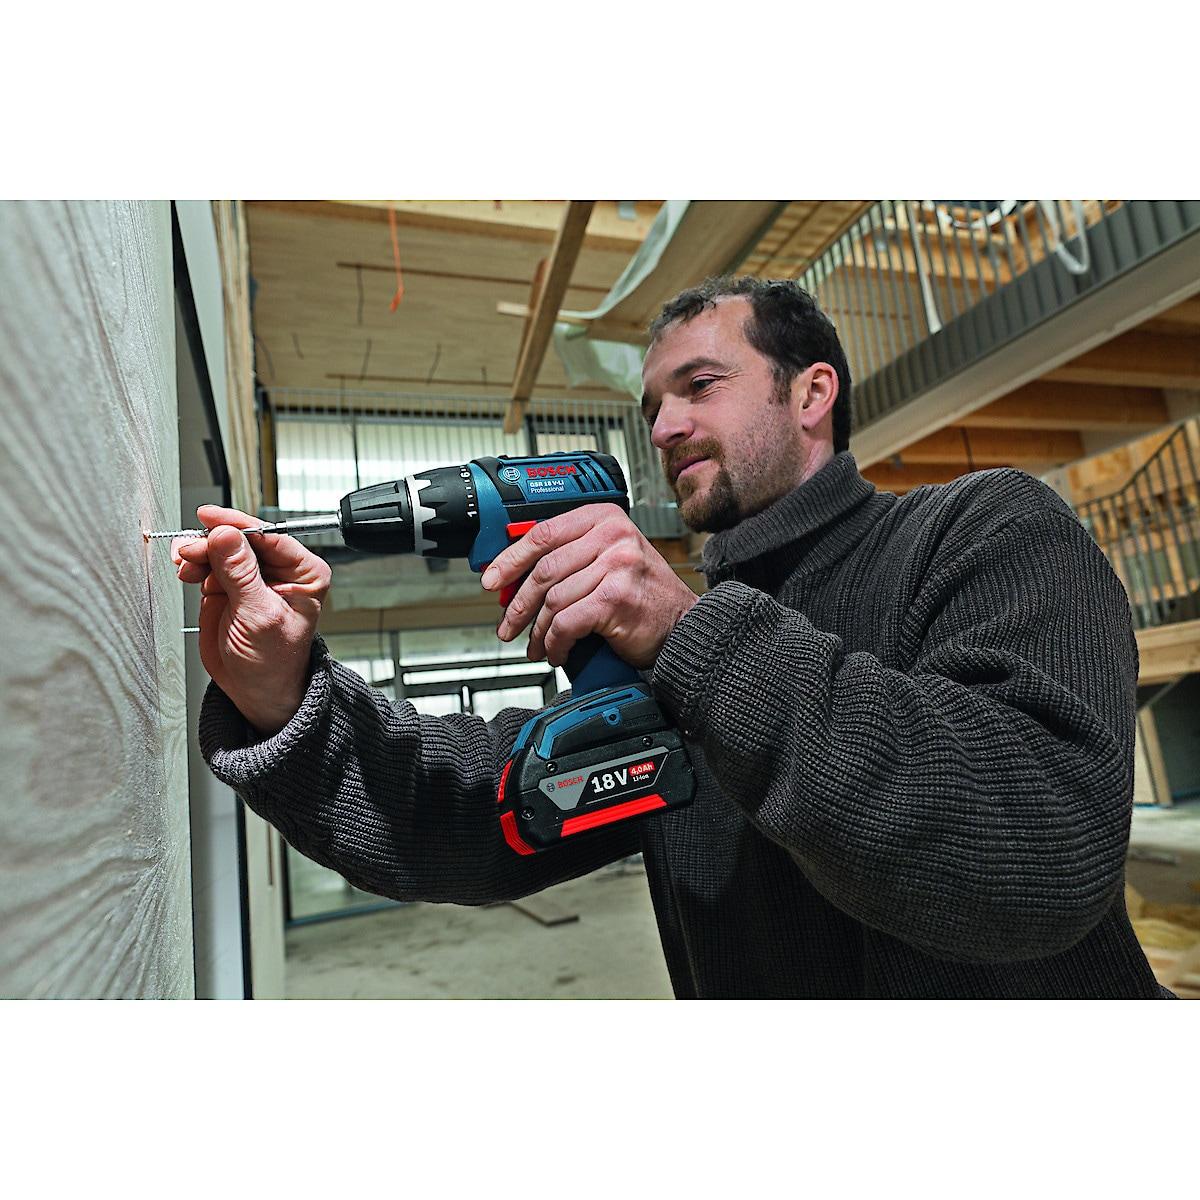 Bosch GSR 18 V-LI Professional drill